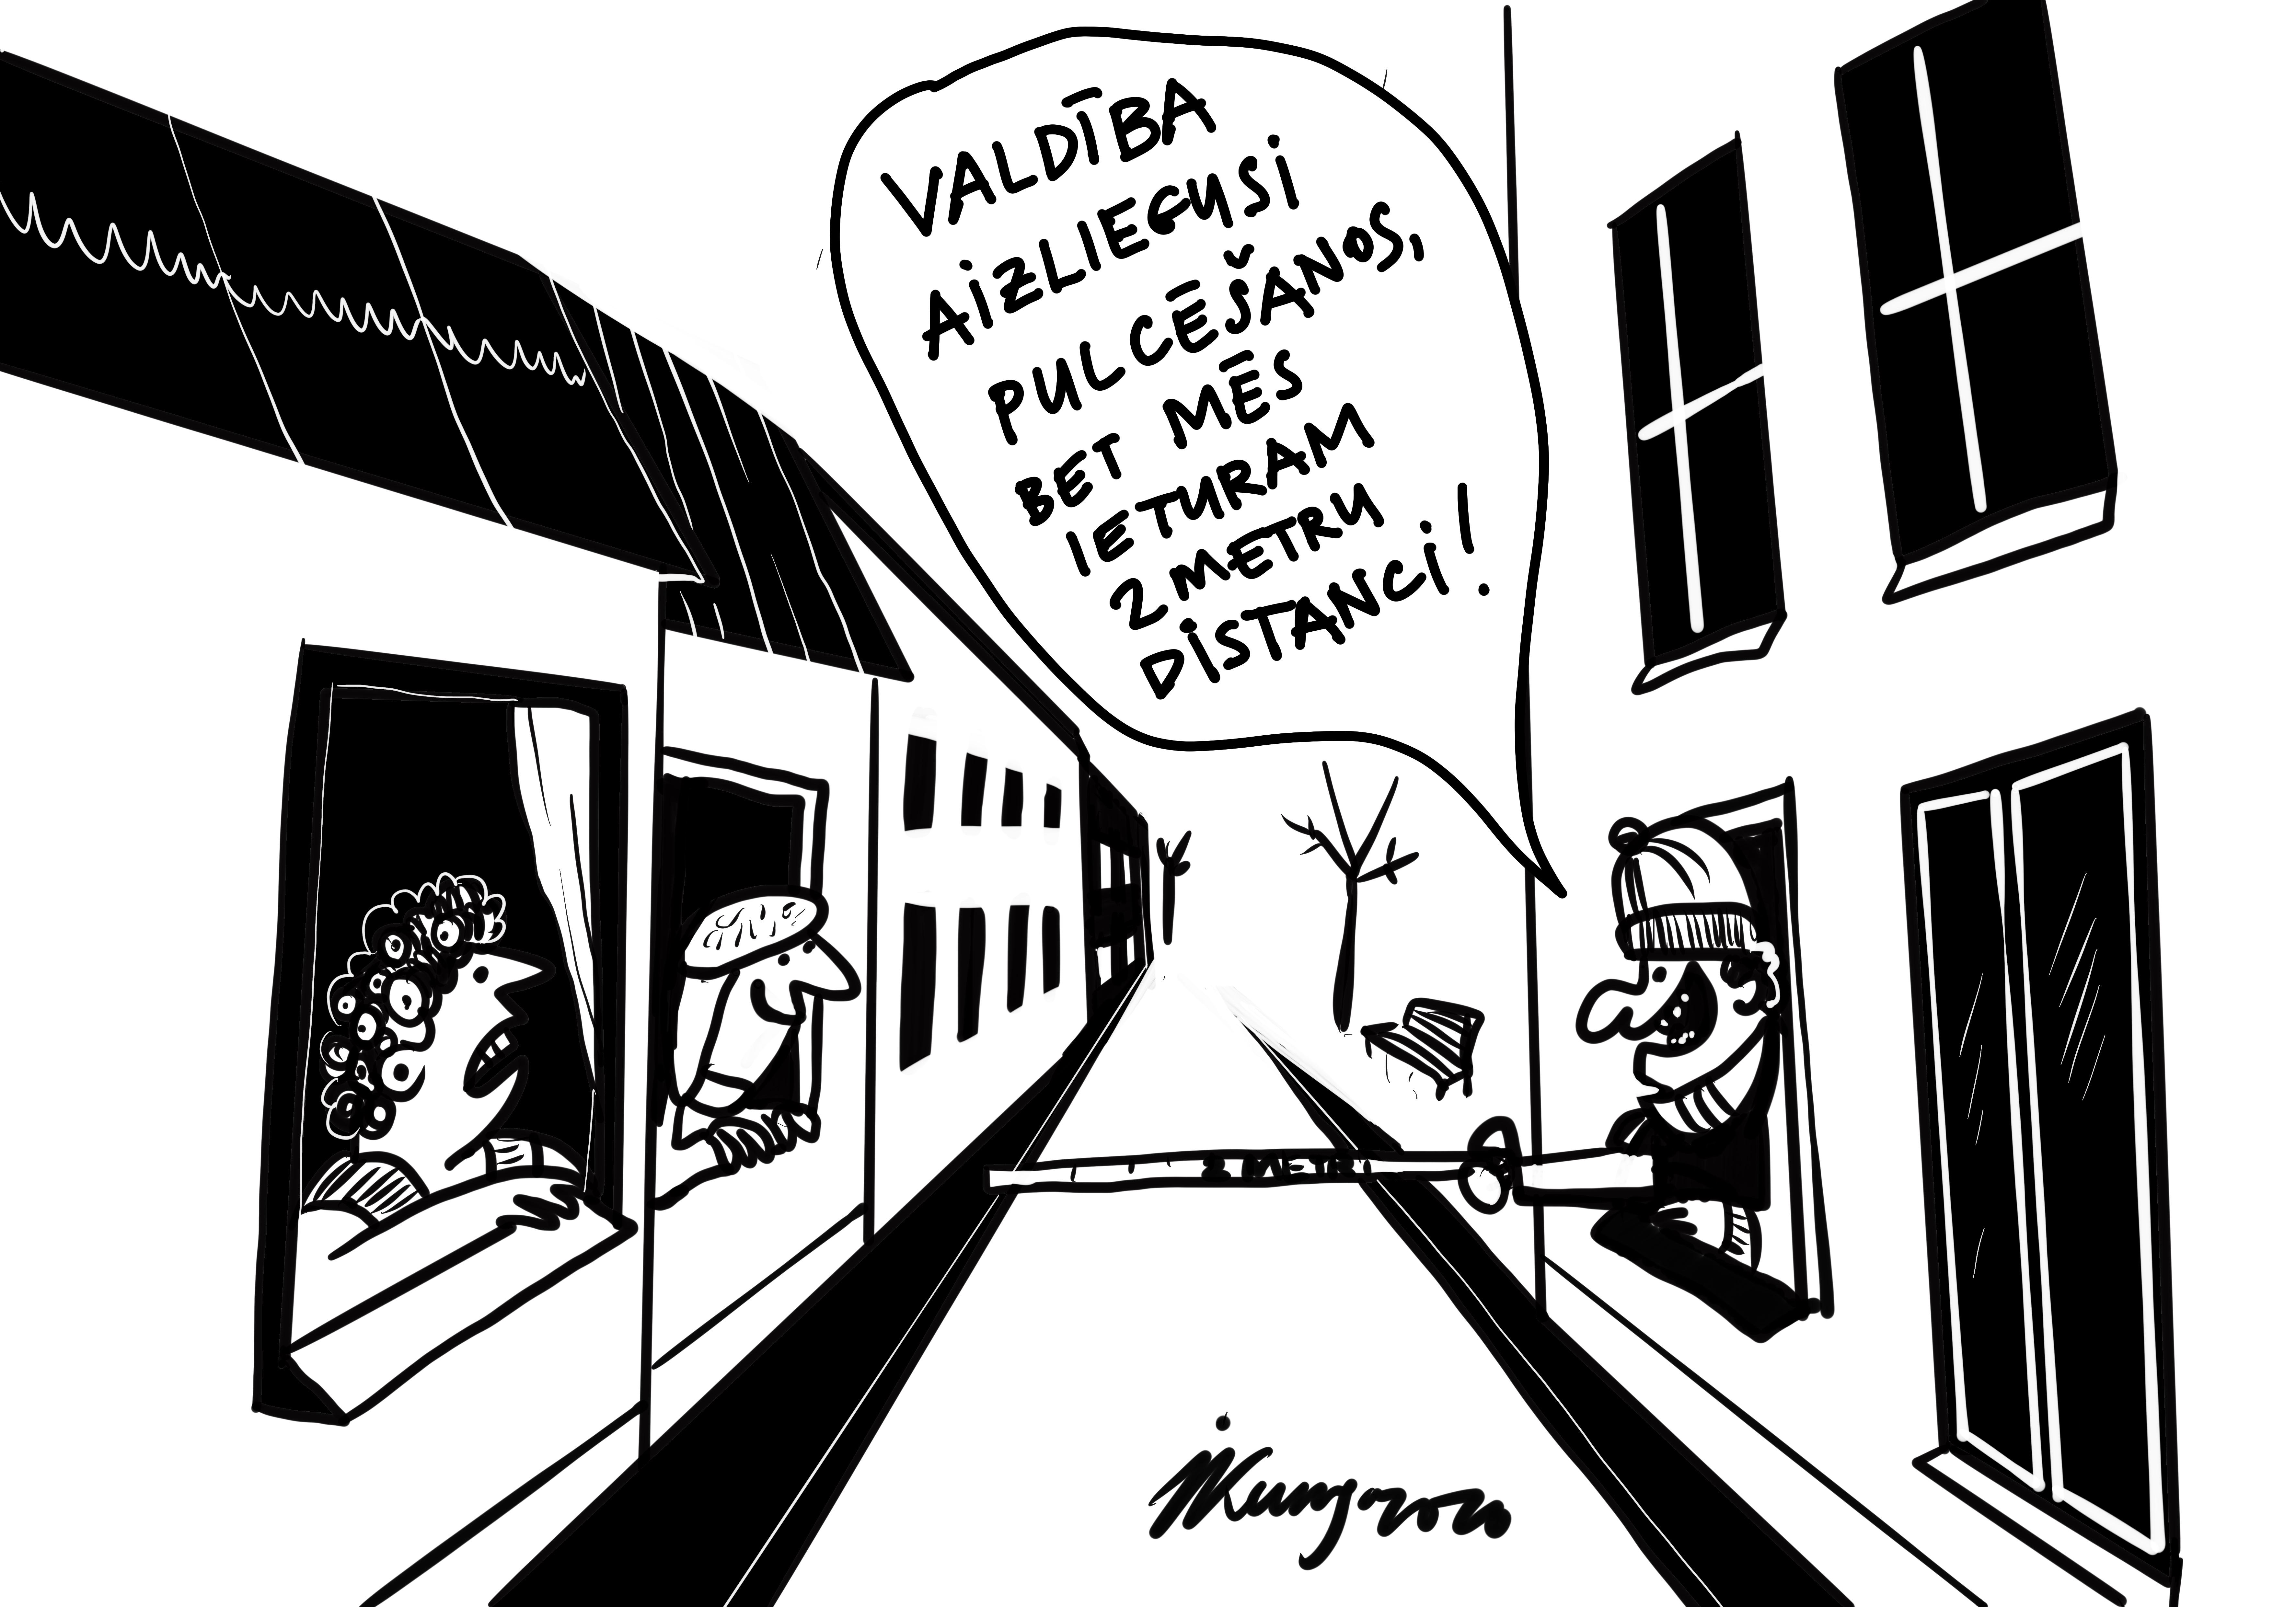 Karikatura_30-03-2020 - Ārā ir ziema un pulcēšanās aizliegums.